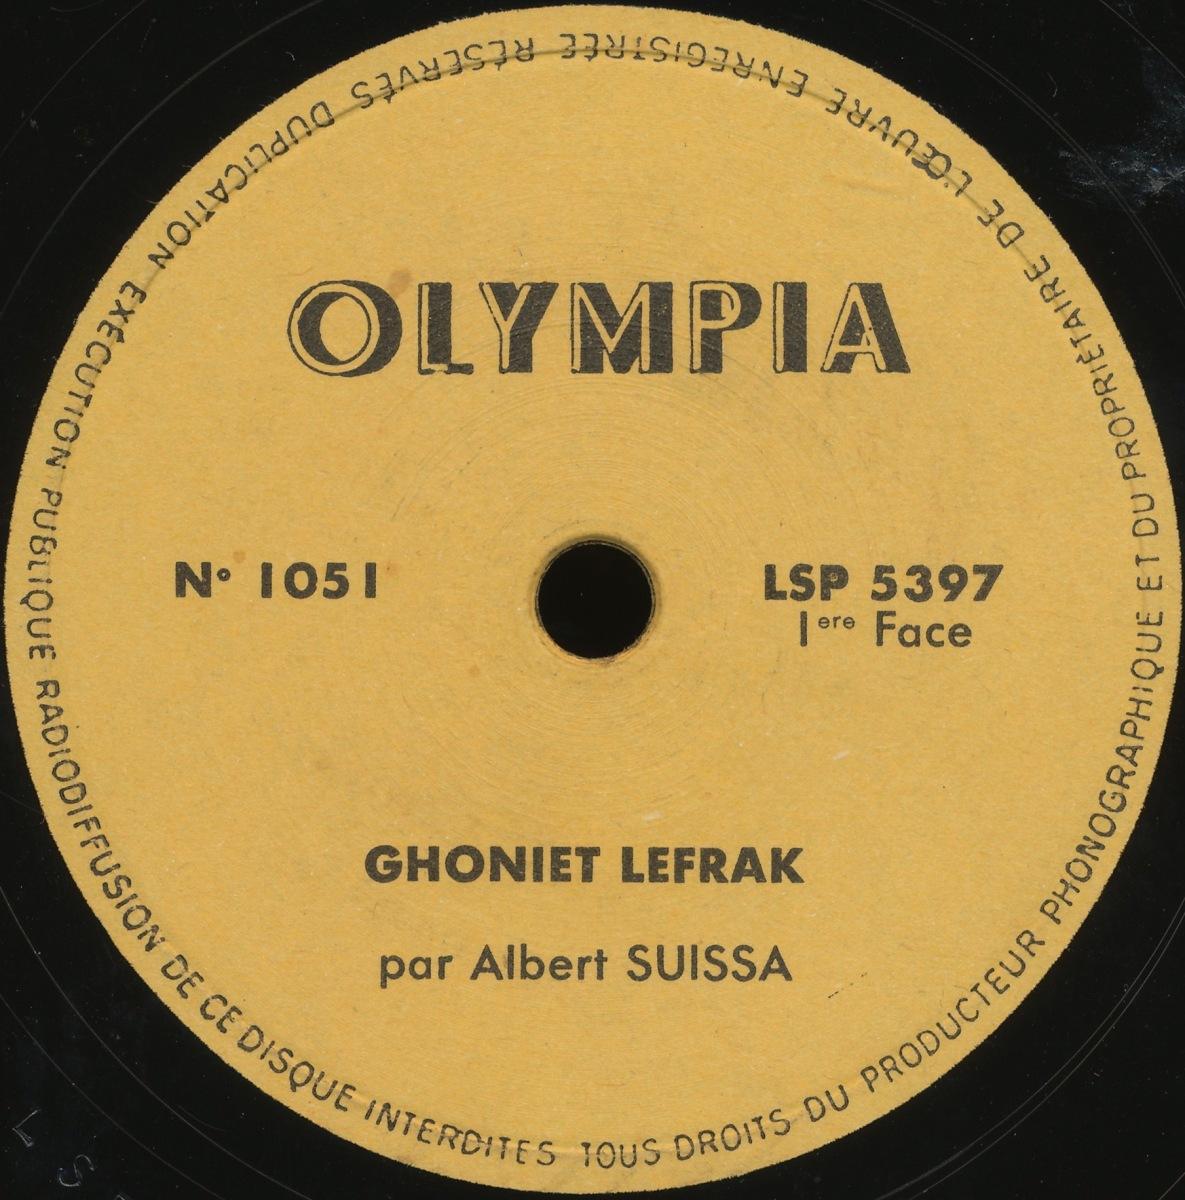 Albert Suissa – Ghoniet Lefrak – Olympia, c. 1950s